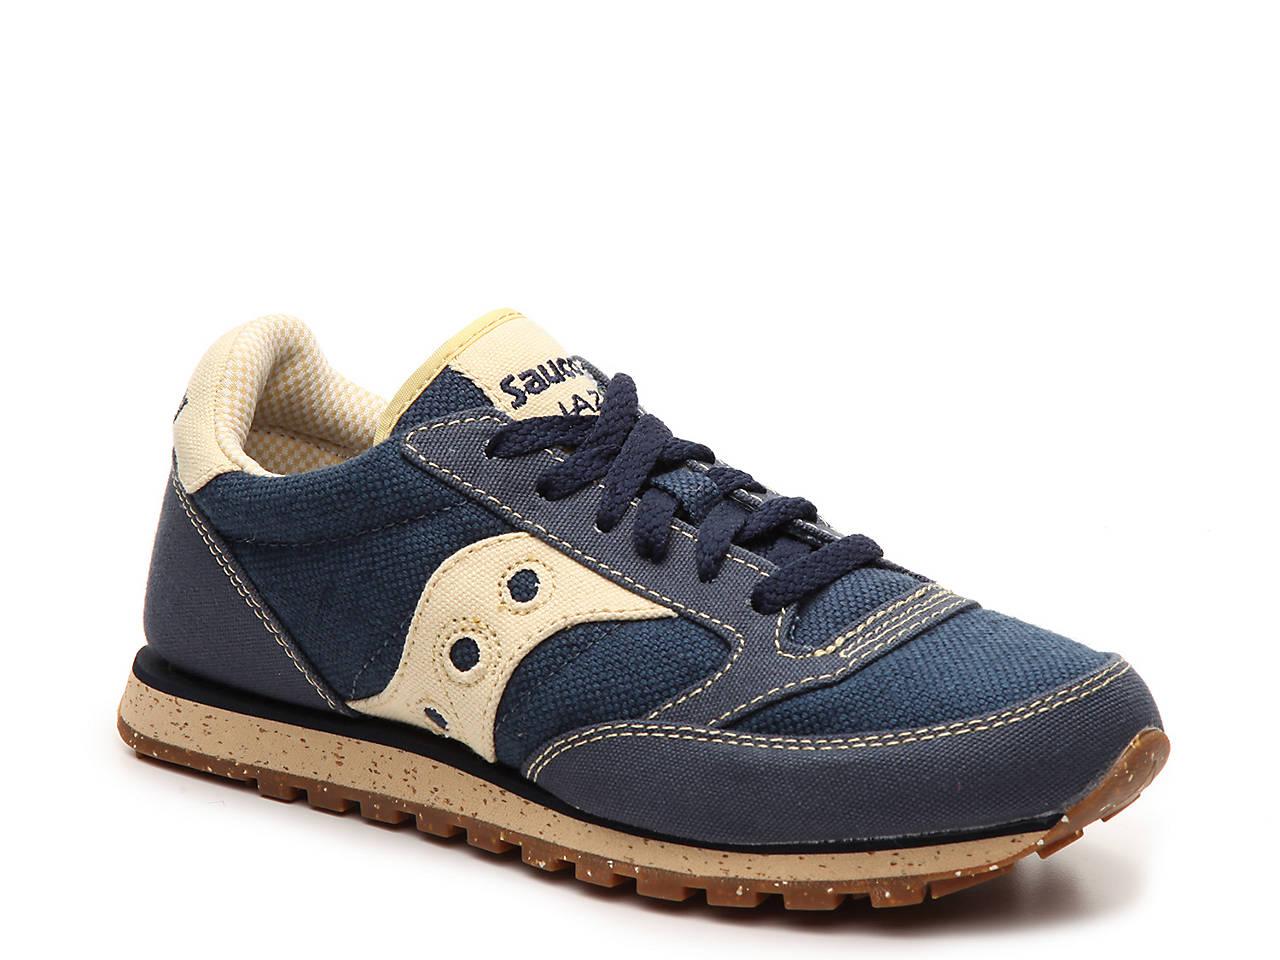 8ea446e66e Saucony Jazz Low Pro Vegan Retro Sneaker - Men s Men s Shoes